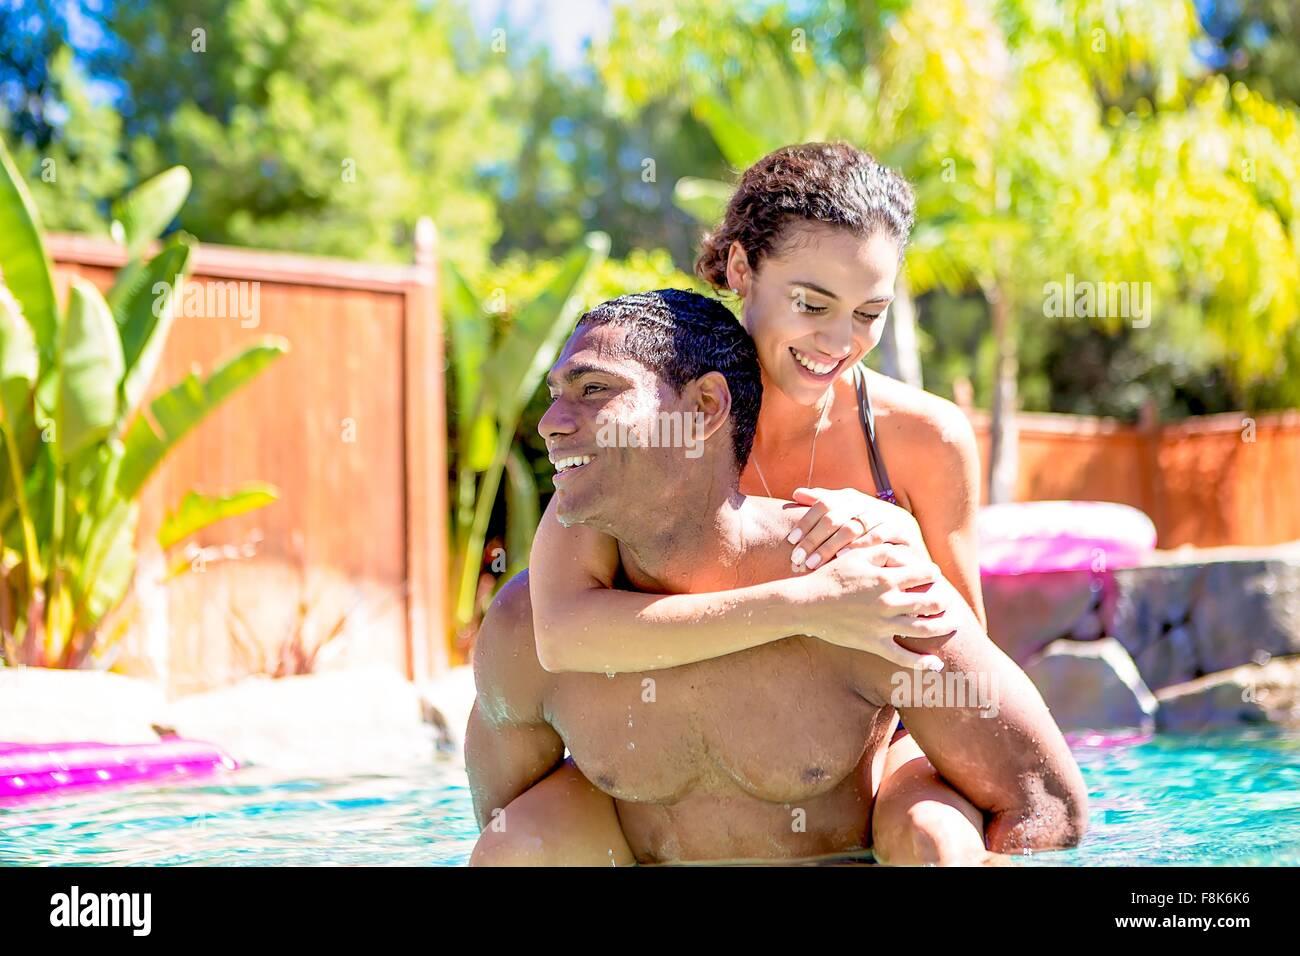 Mitte erwachsener Mann mit junger Frau auf Rücken im Schwimmbad wegsehen lächelnd Stockbild